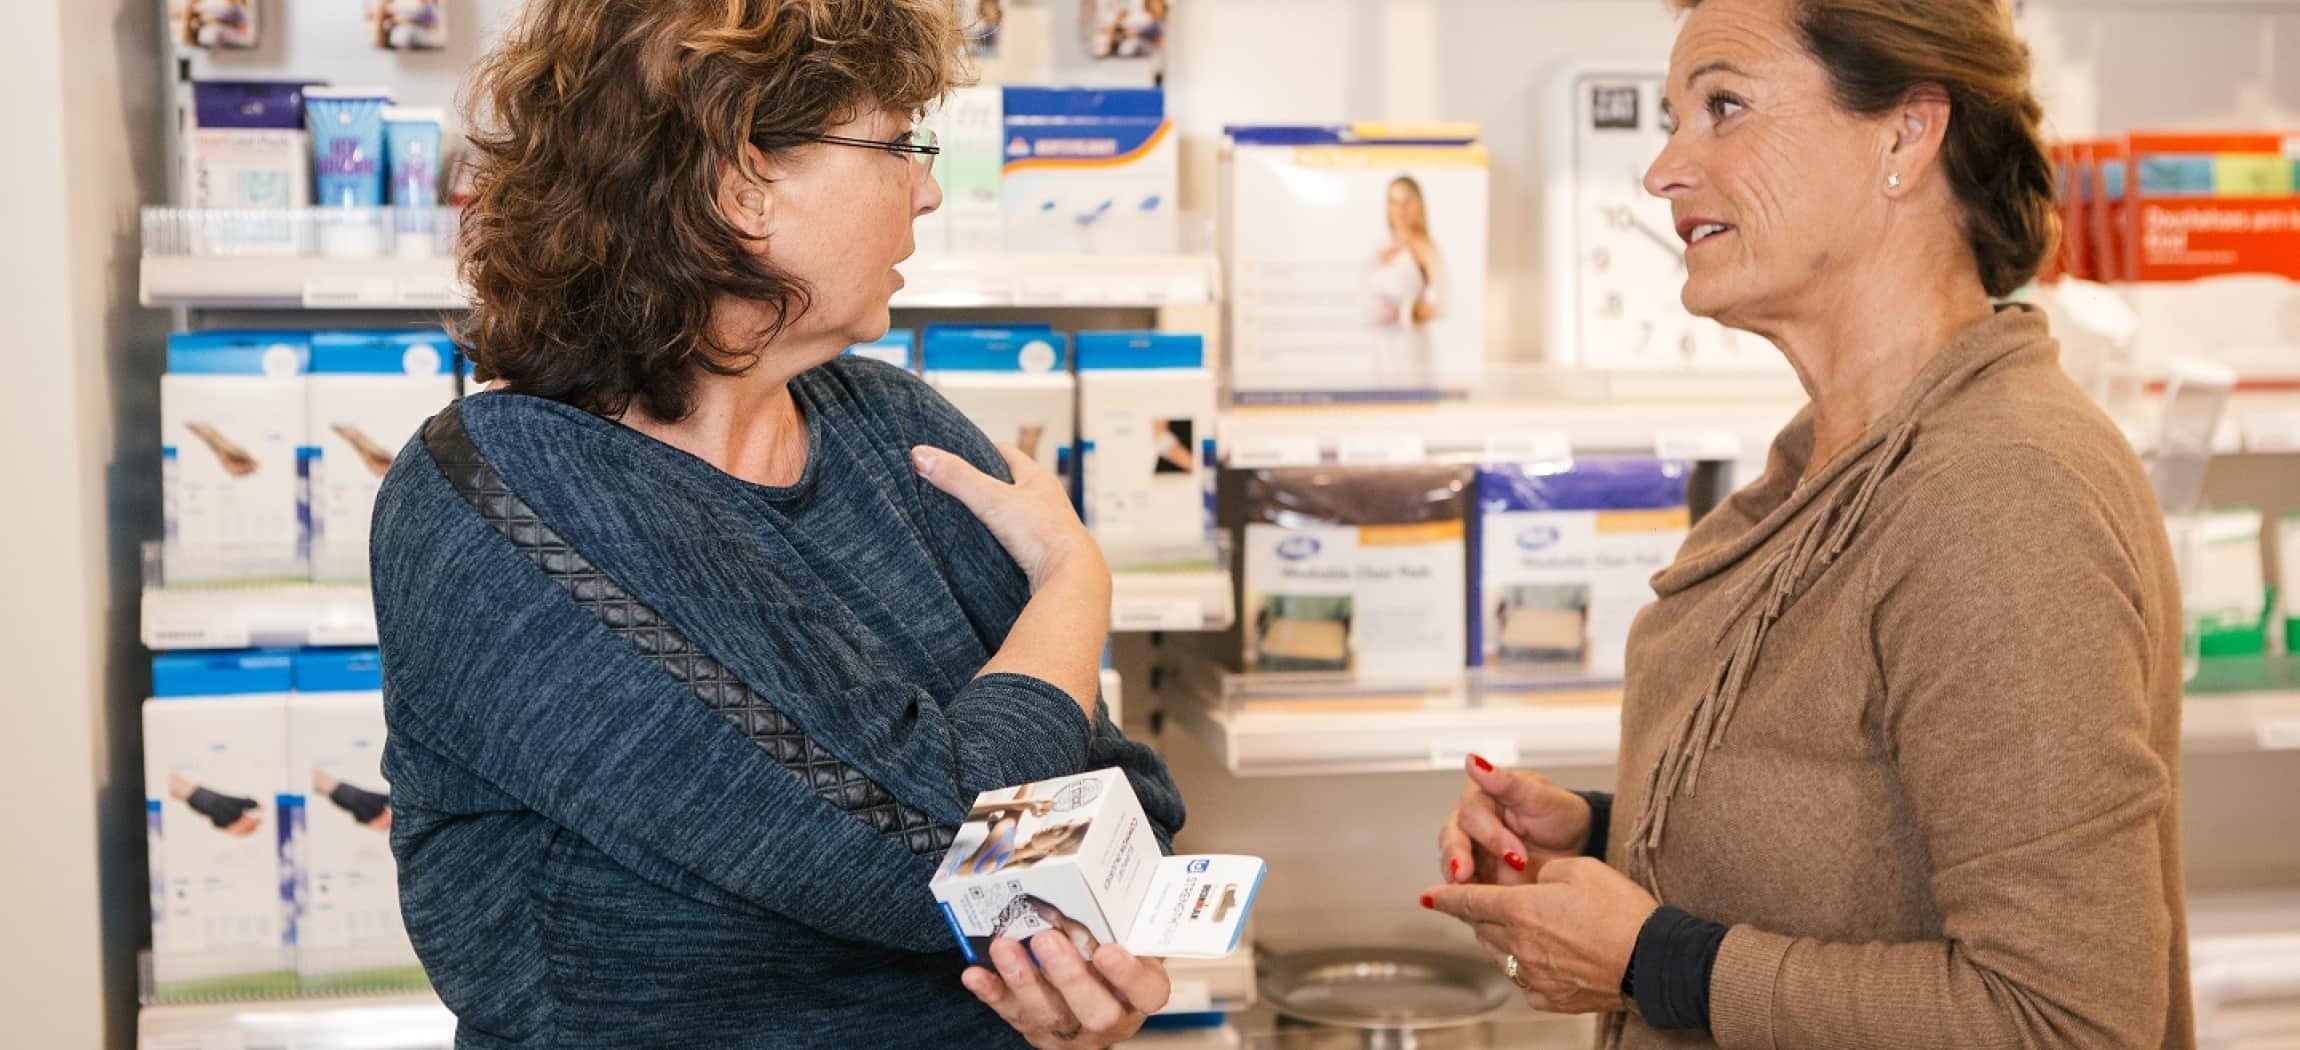 Twee vrouwen praten met elkaar in winkel met verbandmiddelen